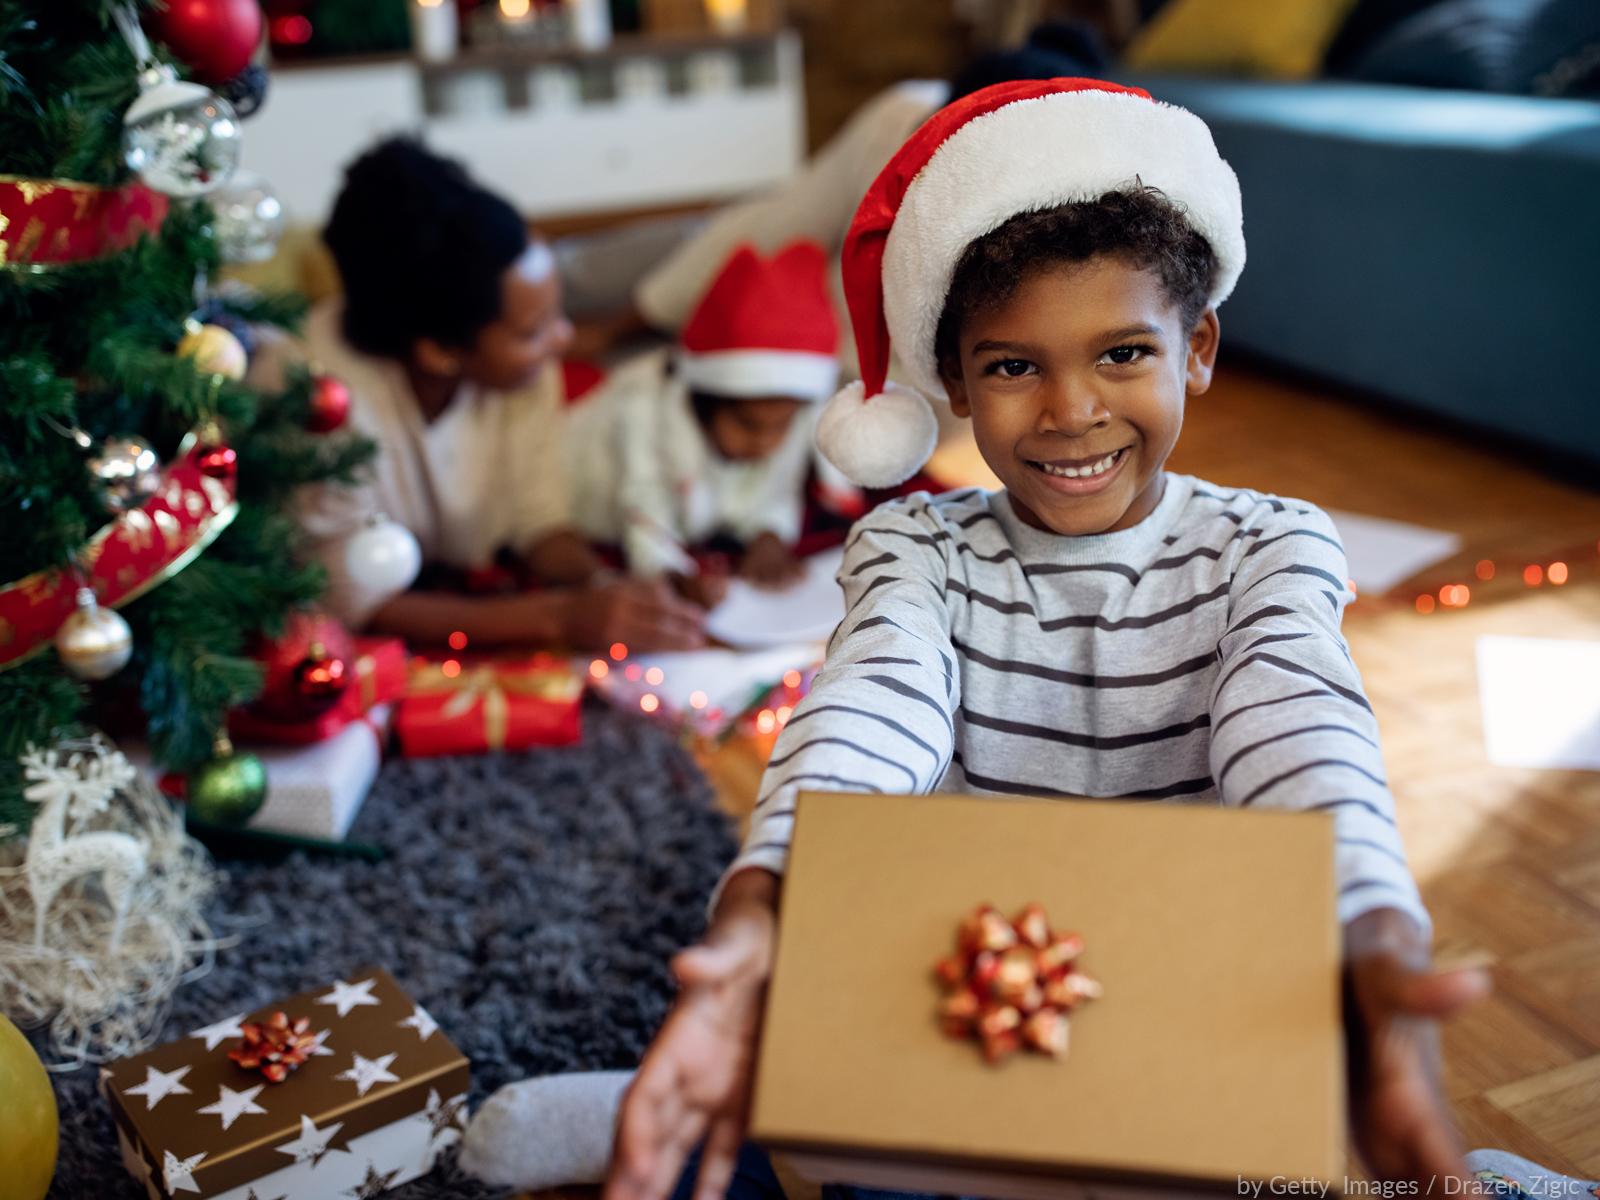 Qual o melhor presente de Natal para mim